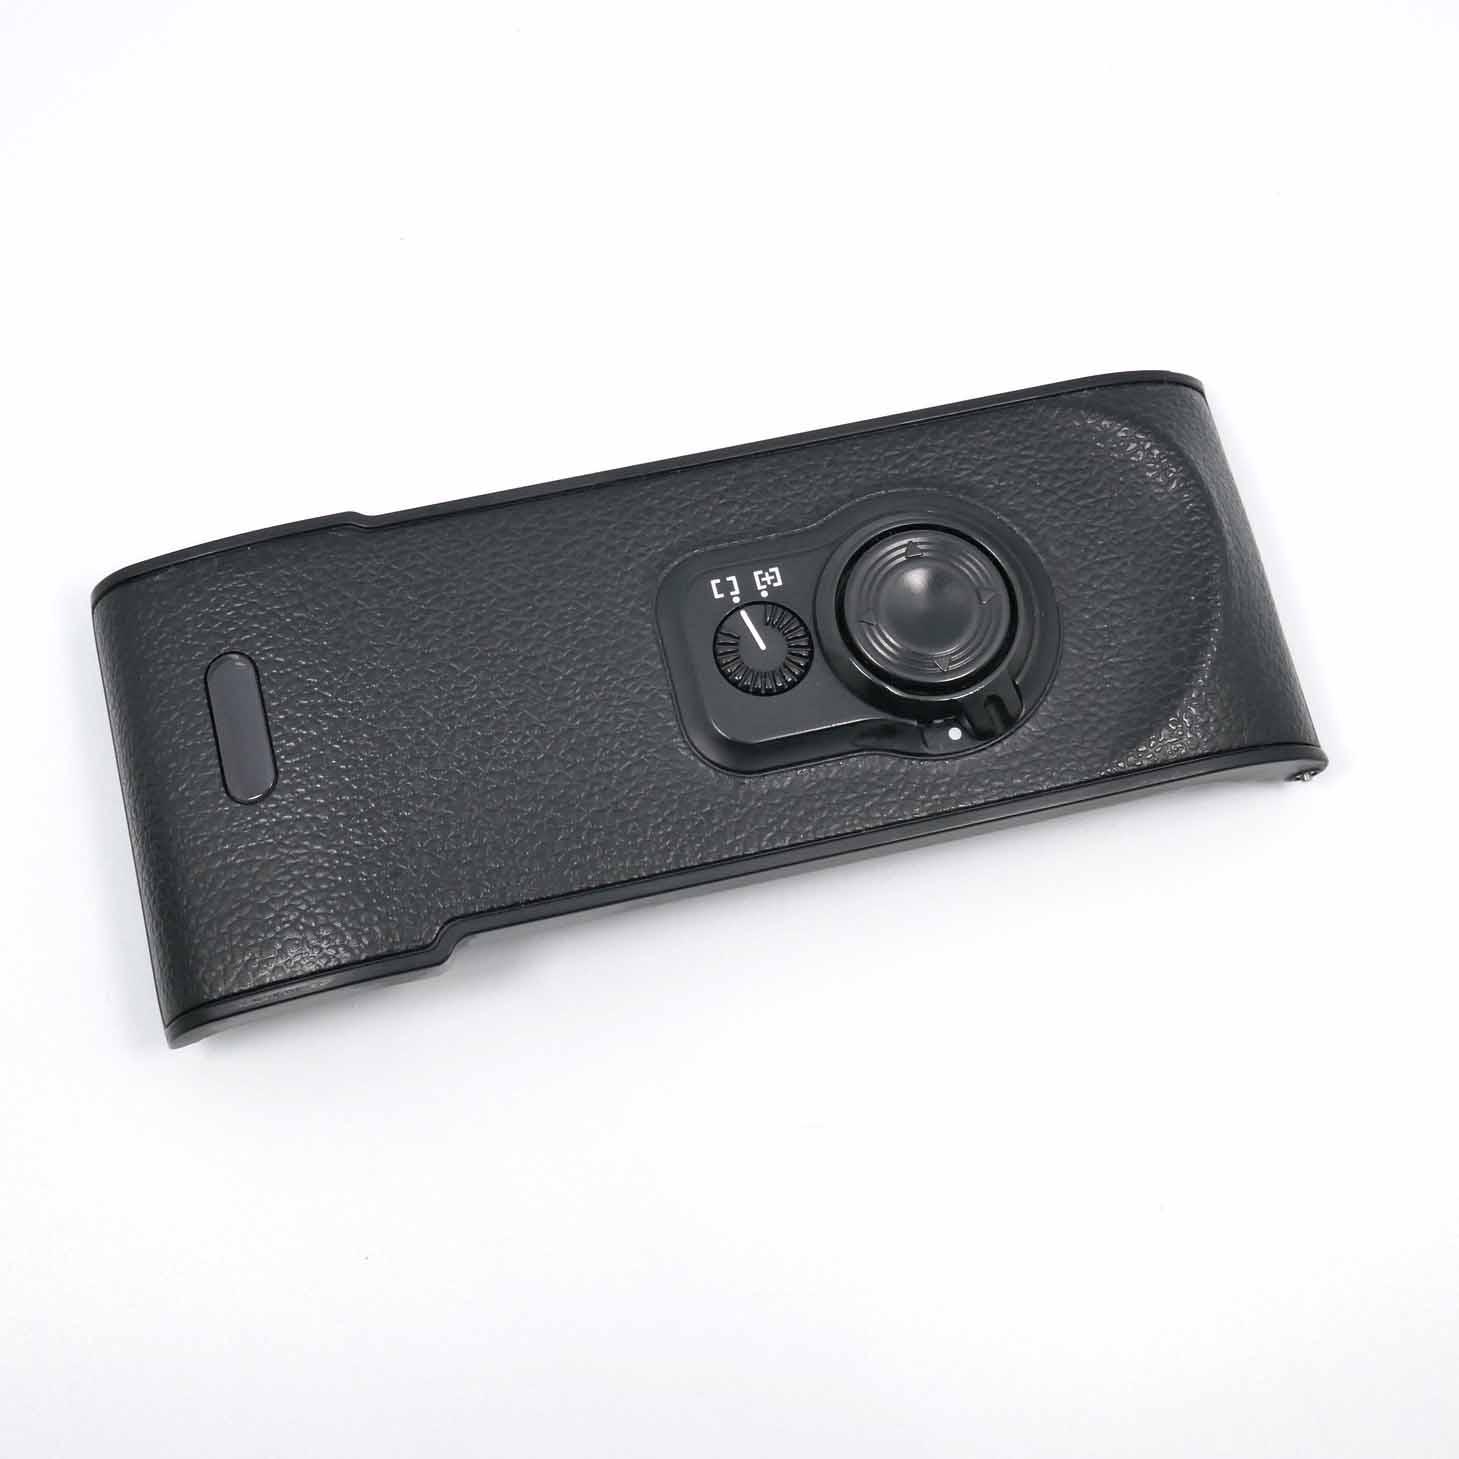 clean-cameras-Nikon-F100-Ersatzteile-05